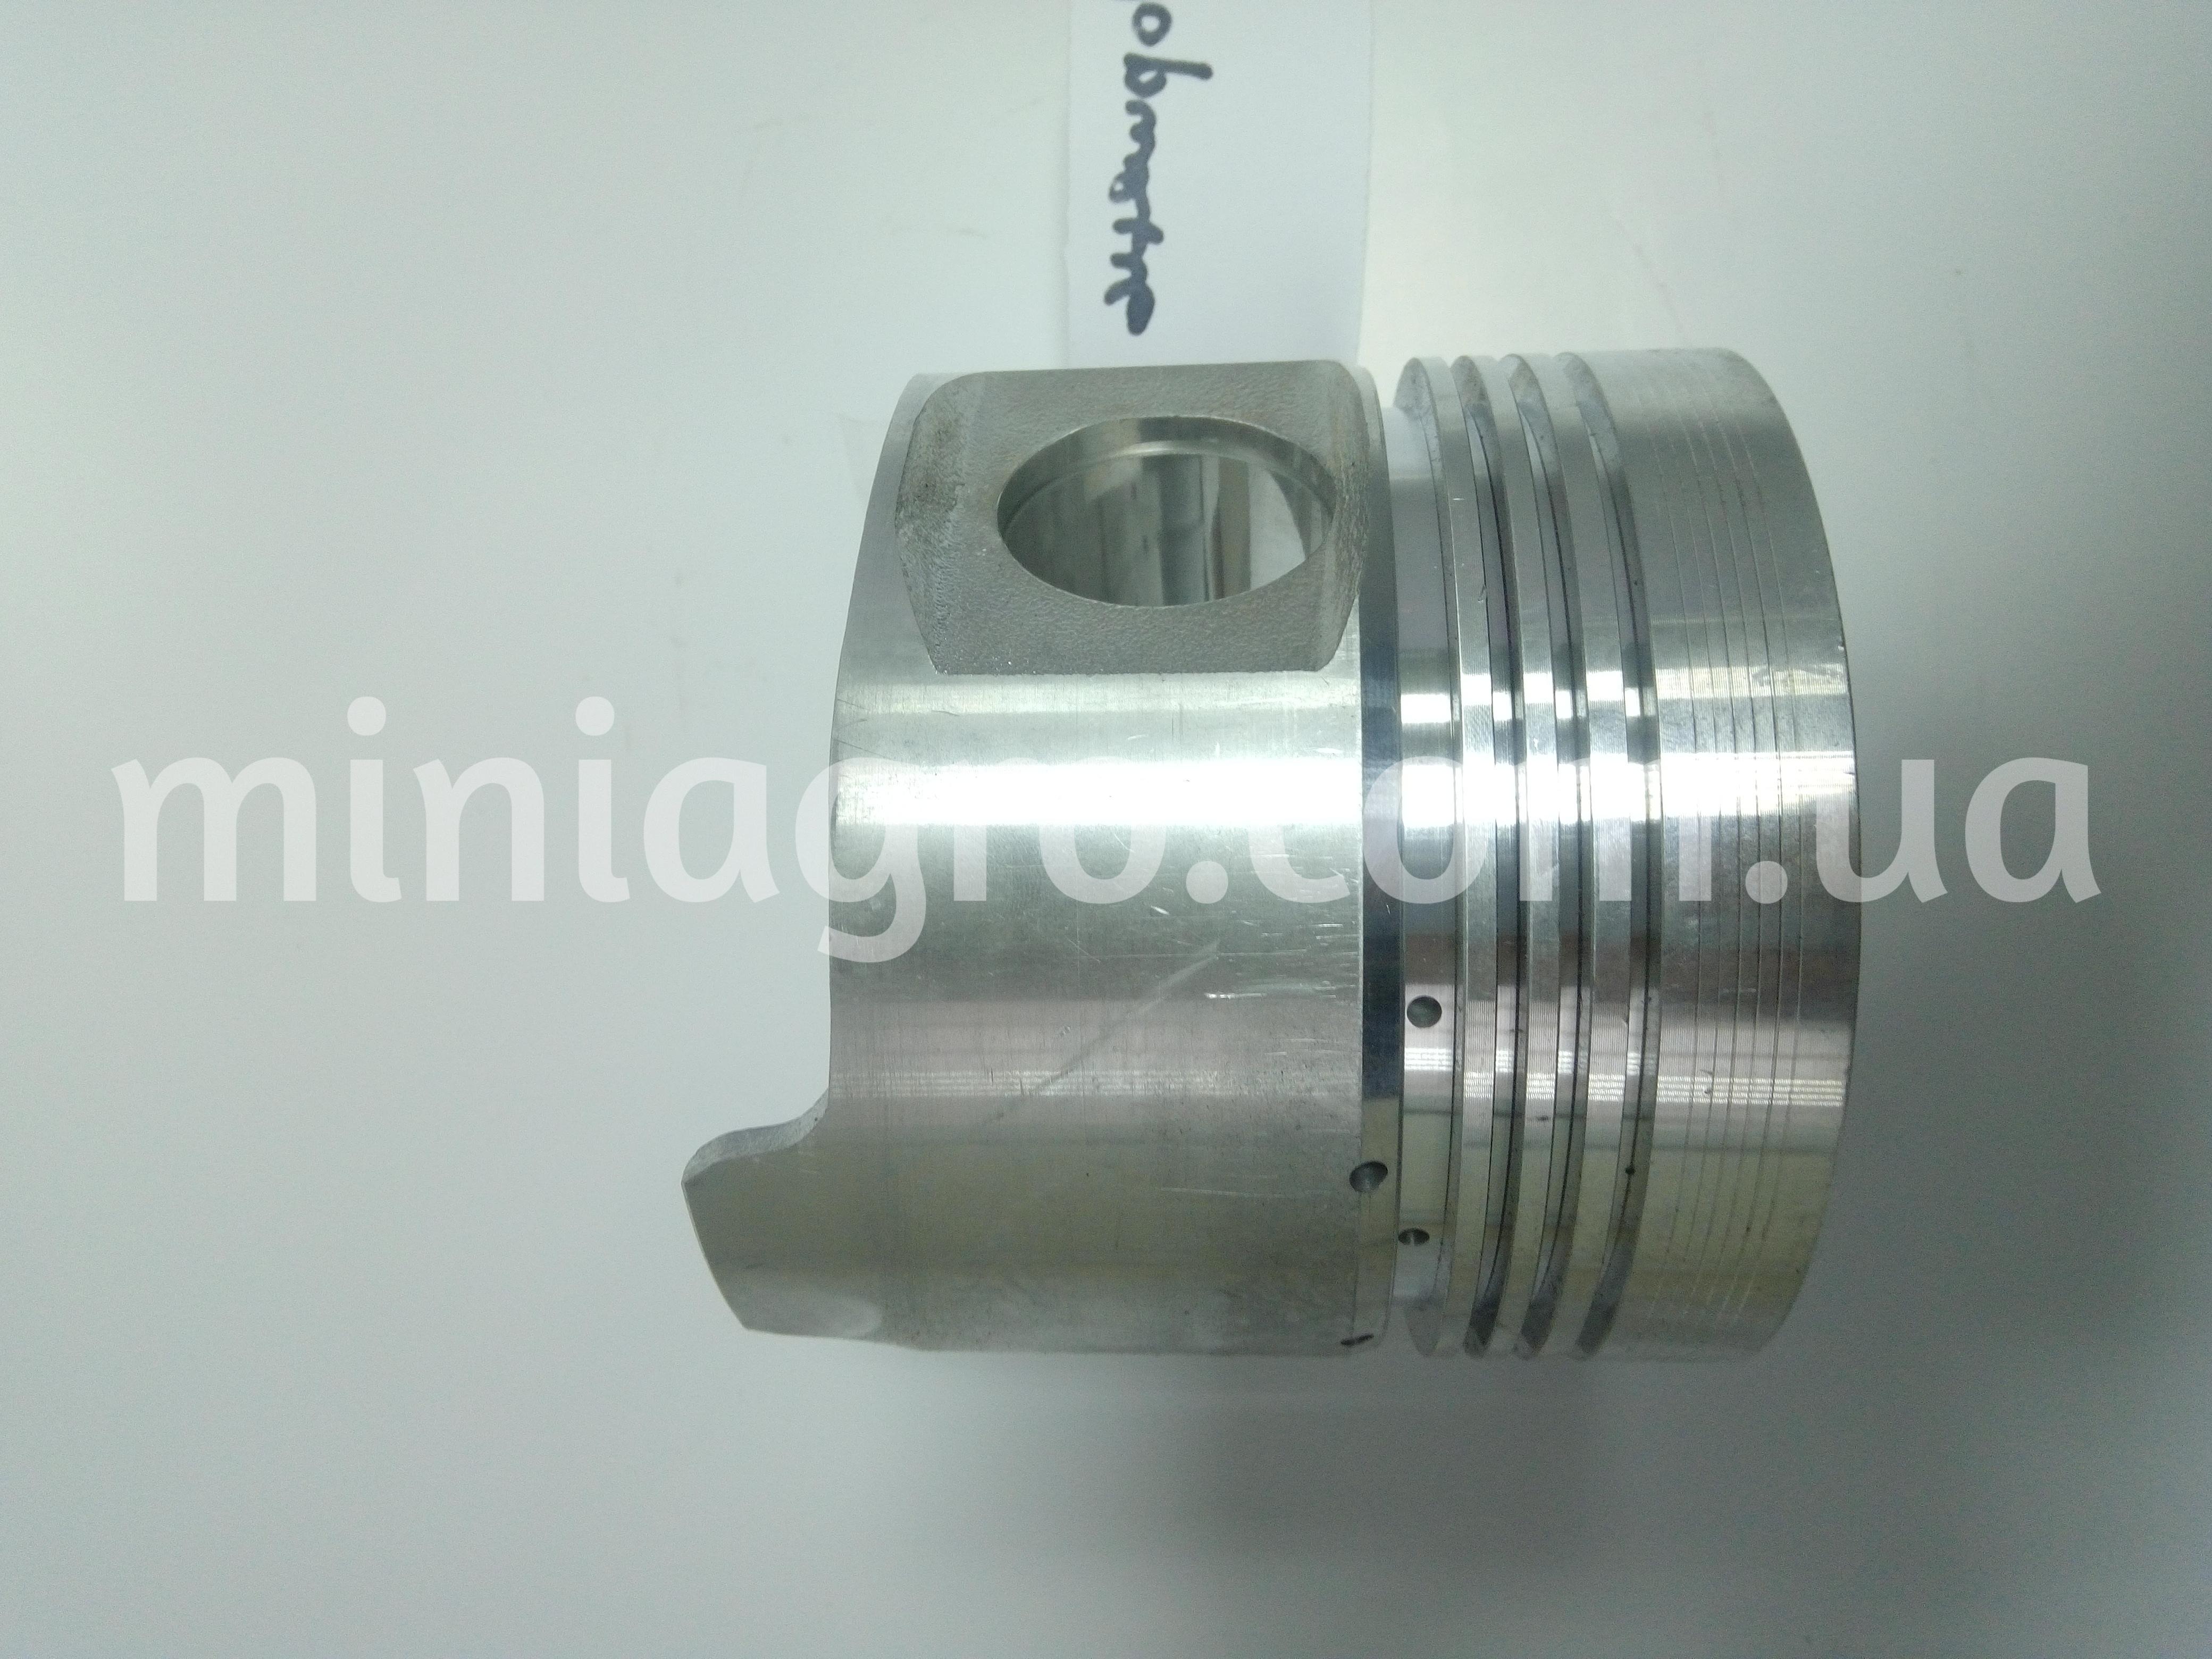 Поршень двигателя KM138 для мототрактора ХТ24В, TS 24 B (и на других ременных тракторах)